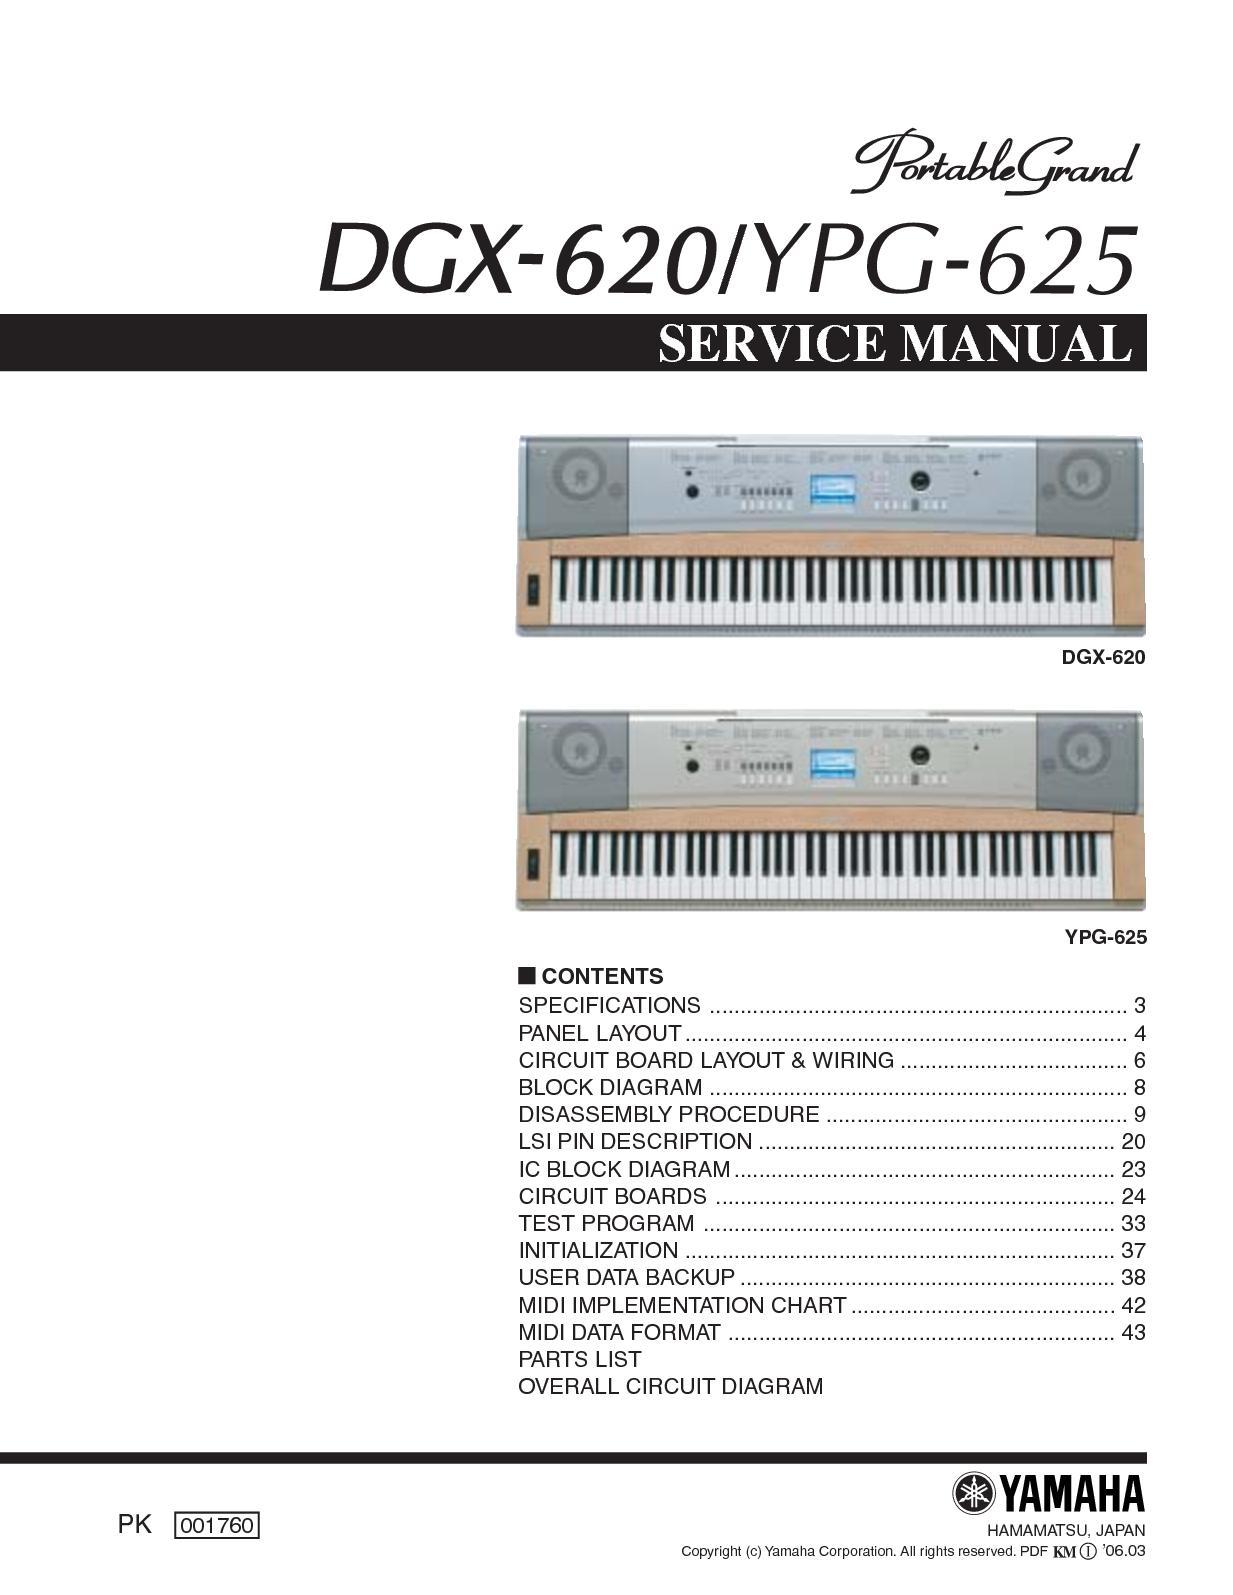 YAMAHA PORTABLE GRAND DGX-620 MIDI DRIVERS FOR WINDOWS 8